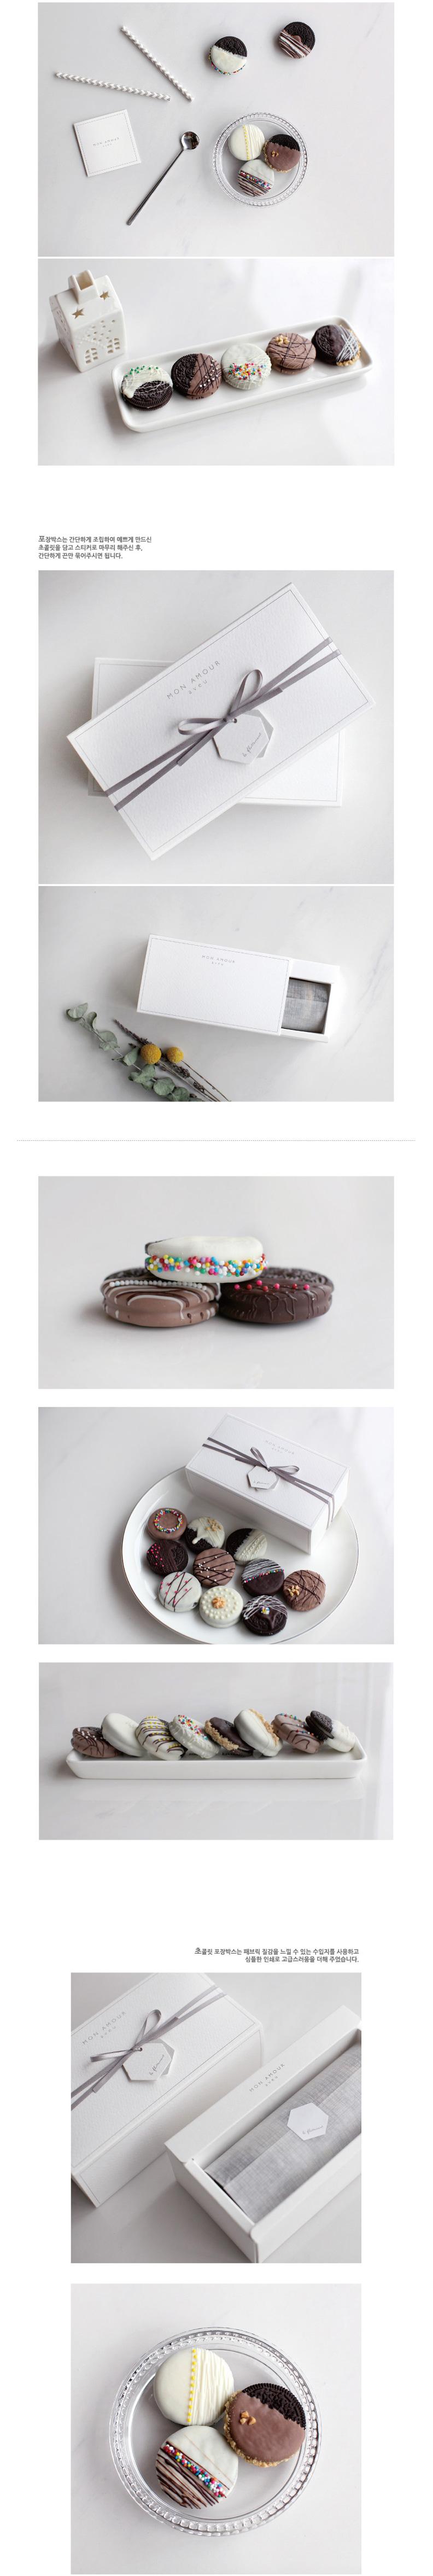 초콜릿 만들기 세트 - Mon - 디비디, 21,250원, DIY세트, 초콜릿 만들기